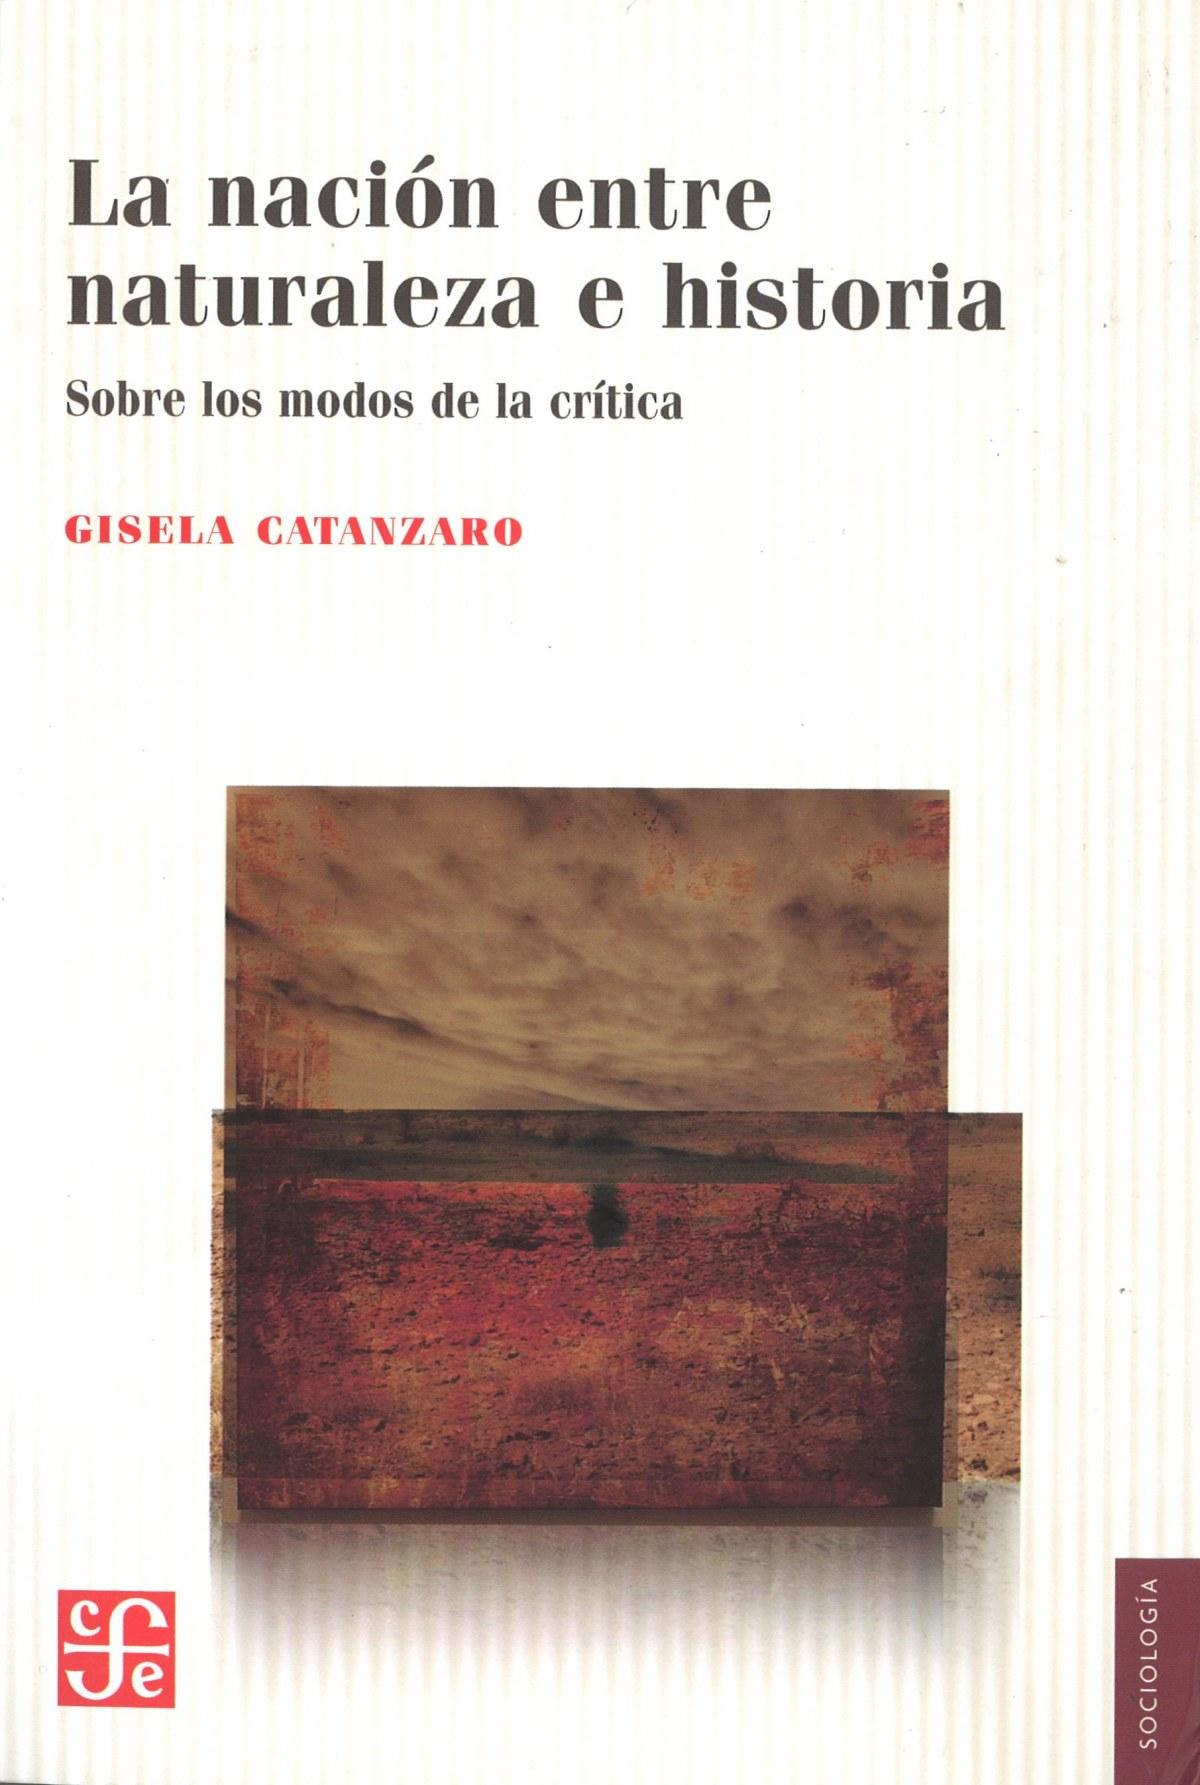 La nación entre naturaleza e historia. Sobre los modos de la crítica